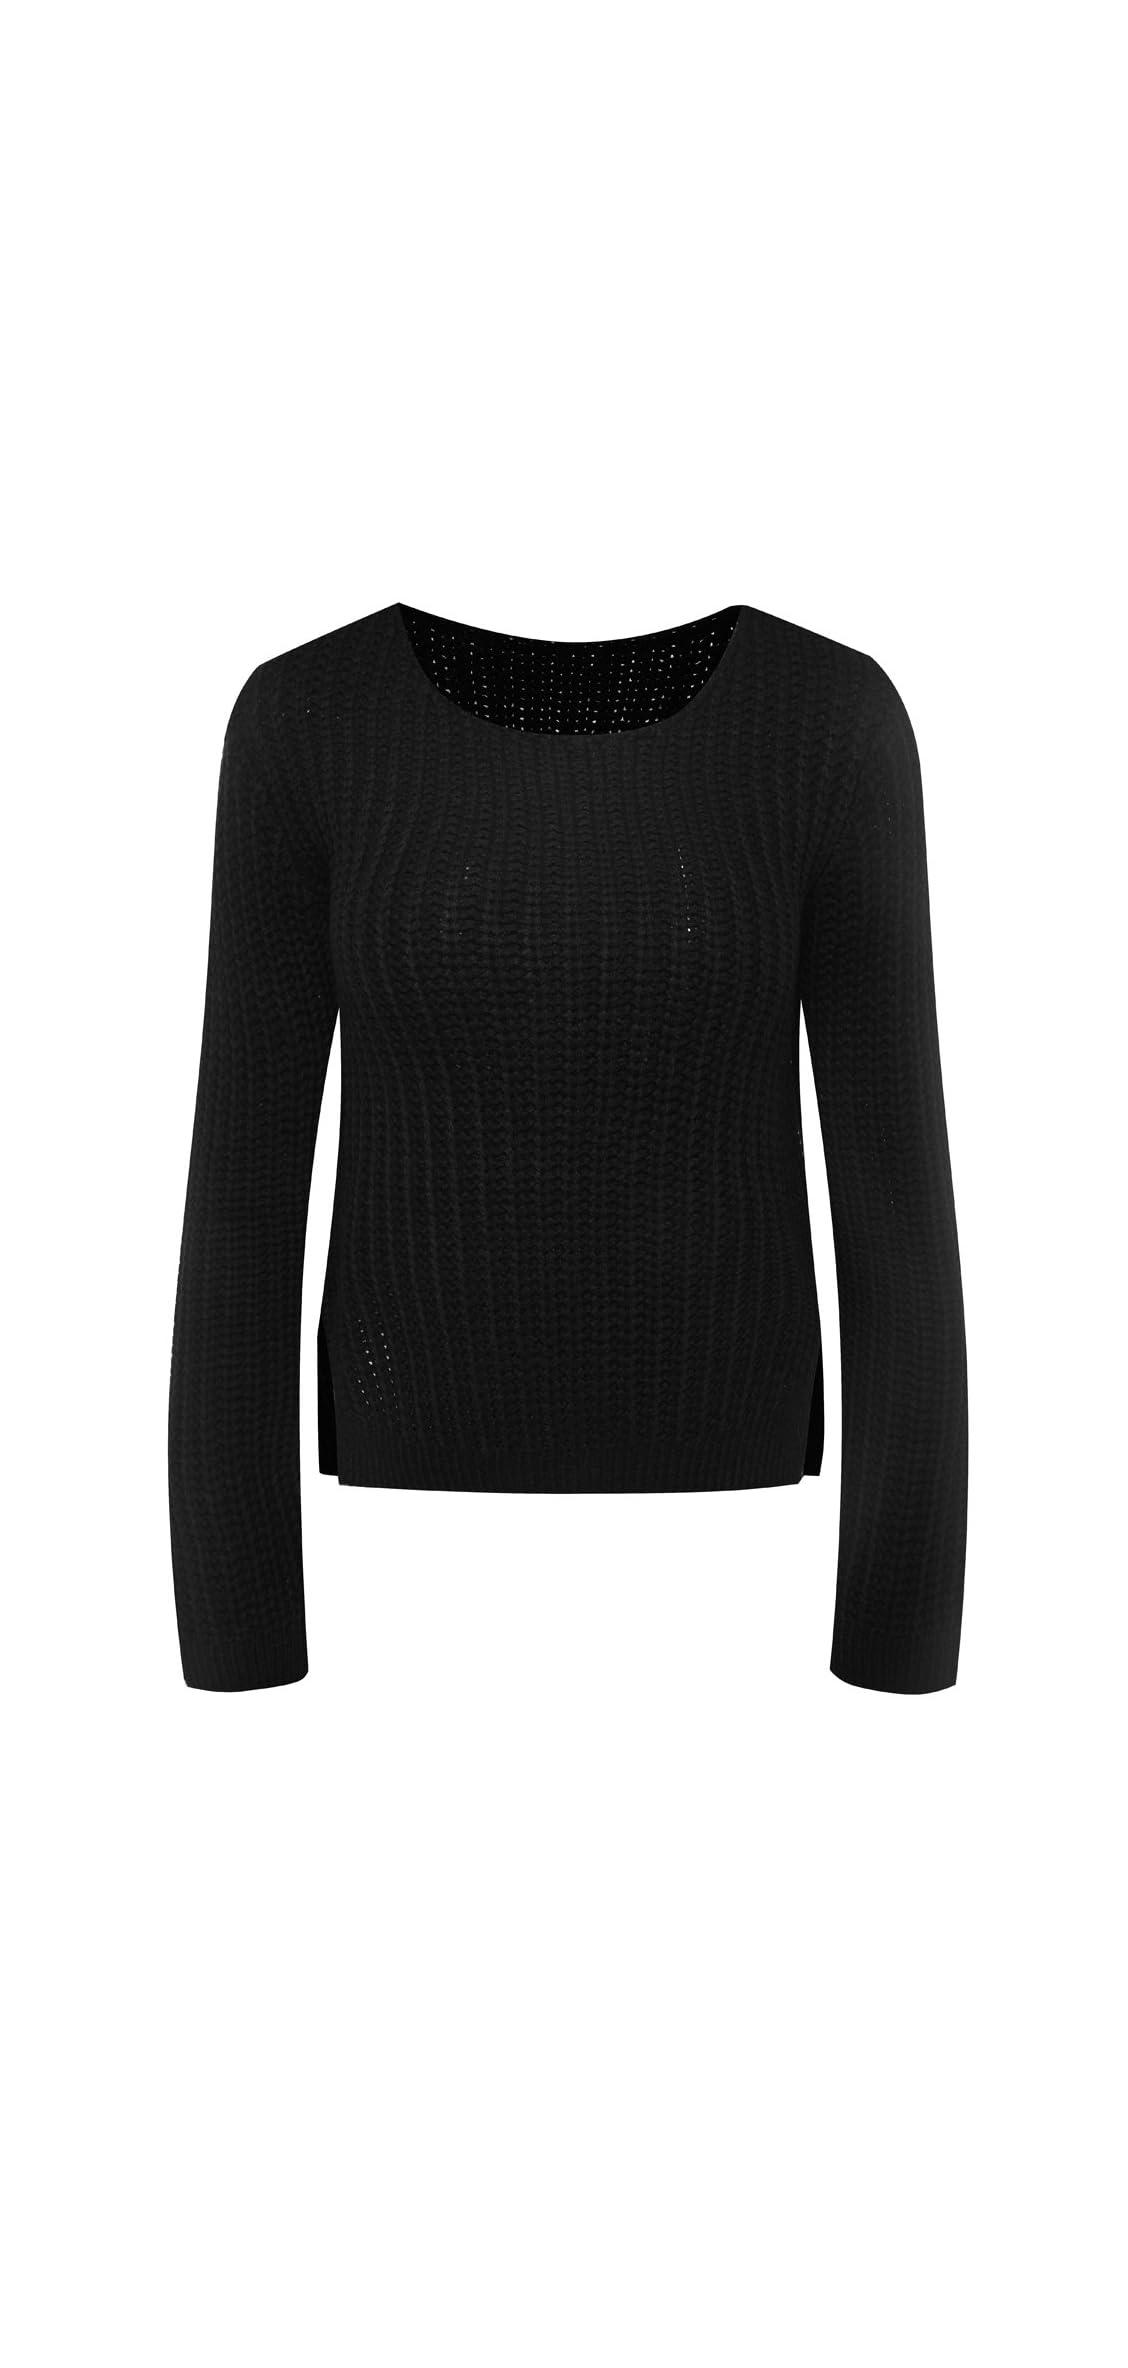 Women's Long Sleeve Caddice Crop Top Pullover Knit